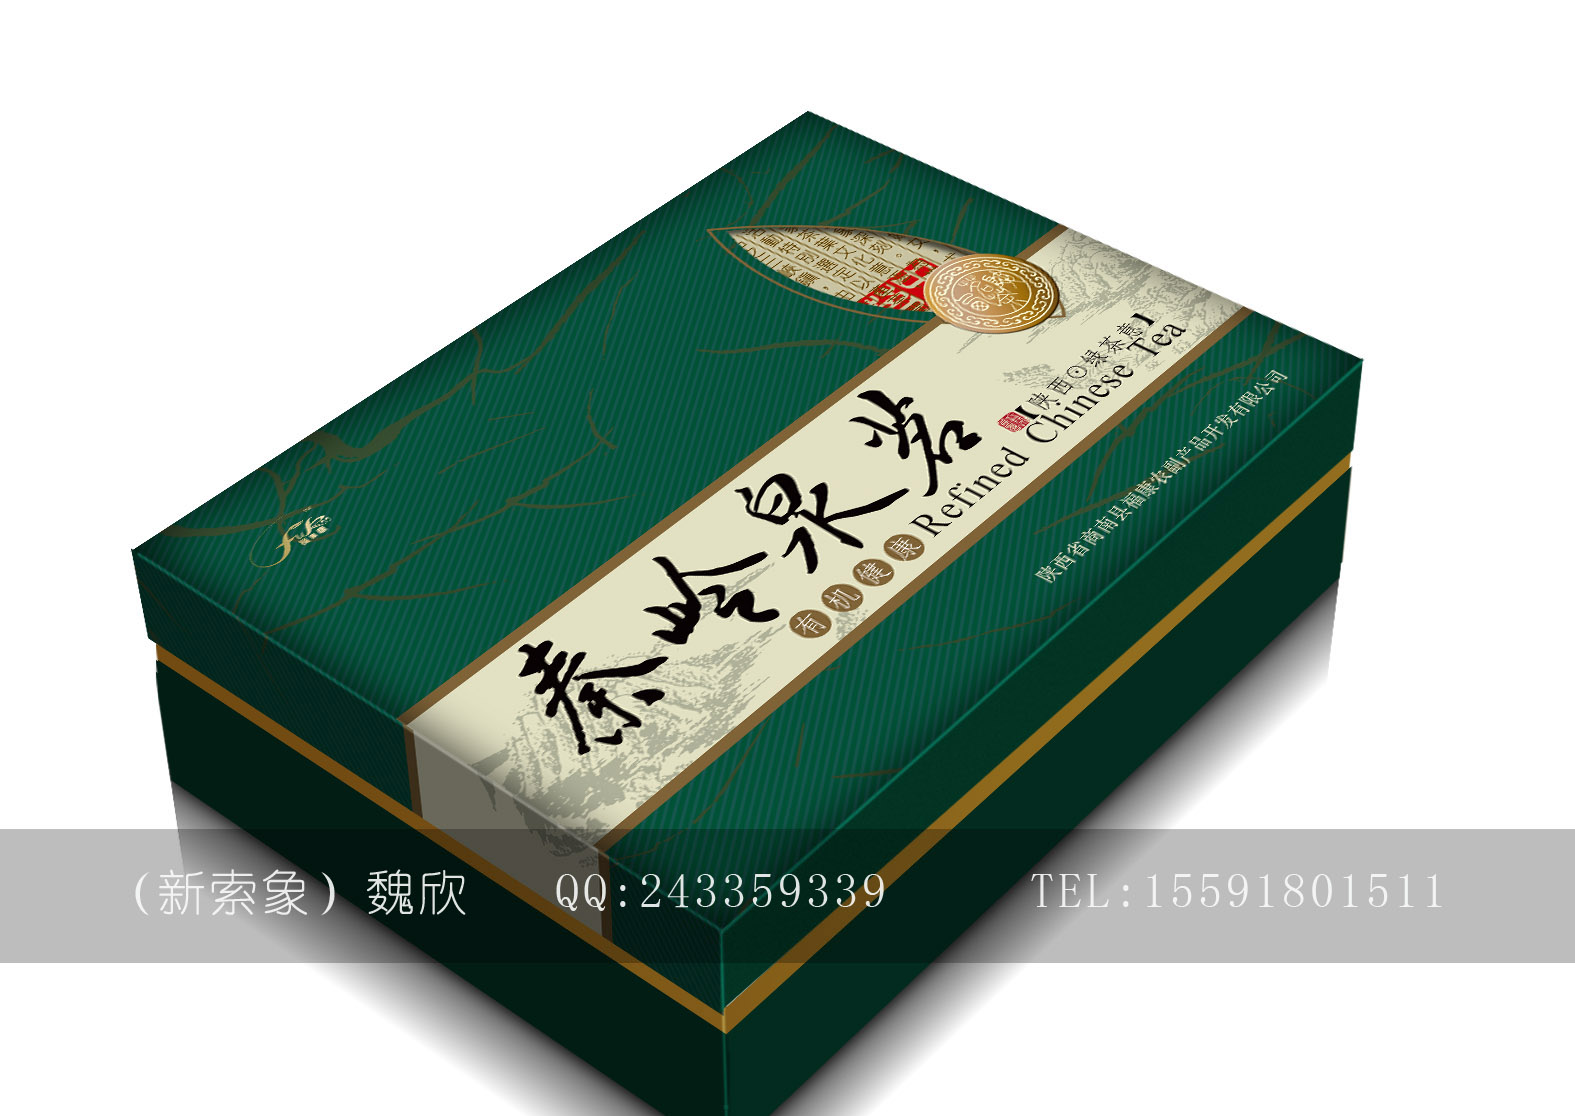 xinsuoxiangshej 作品01.jpg